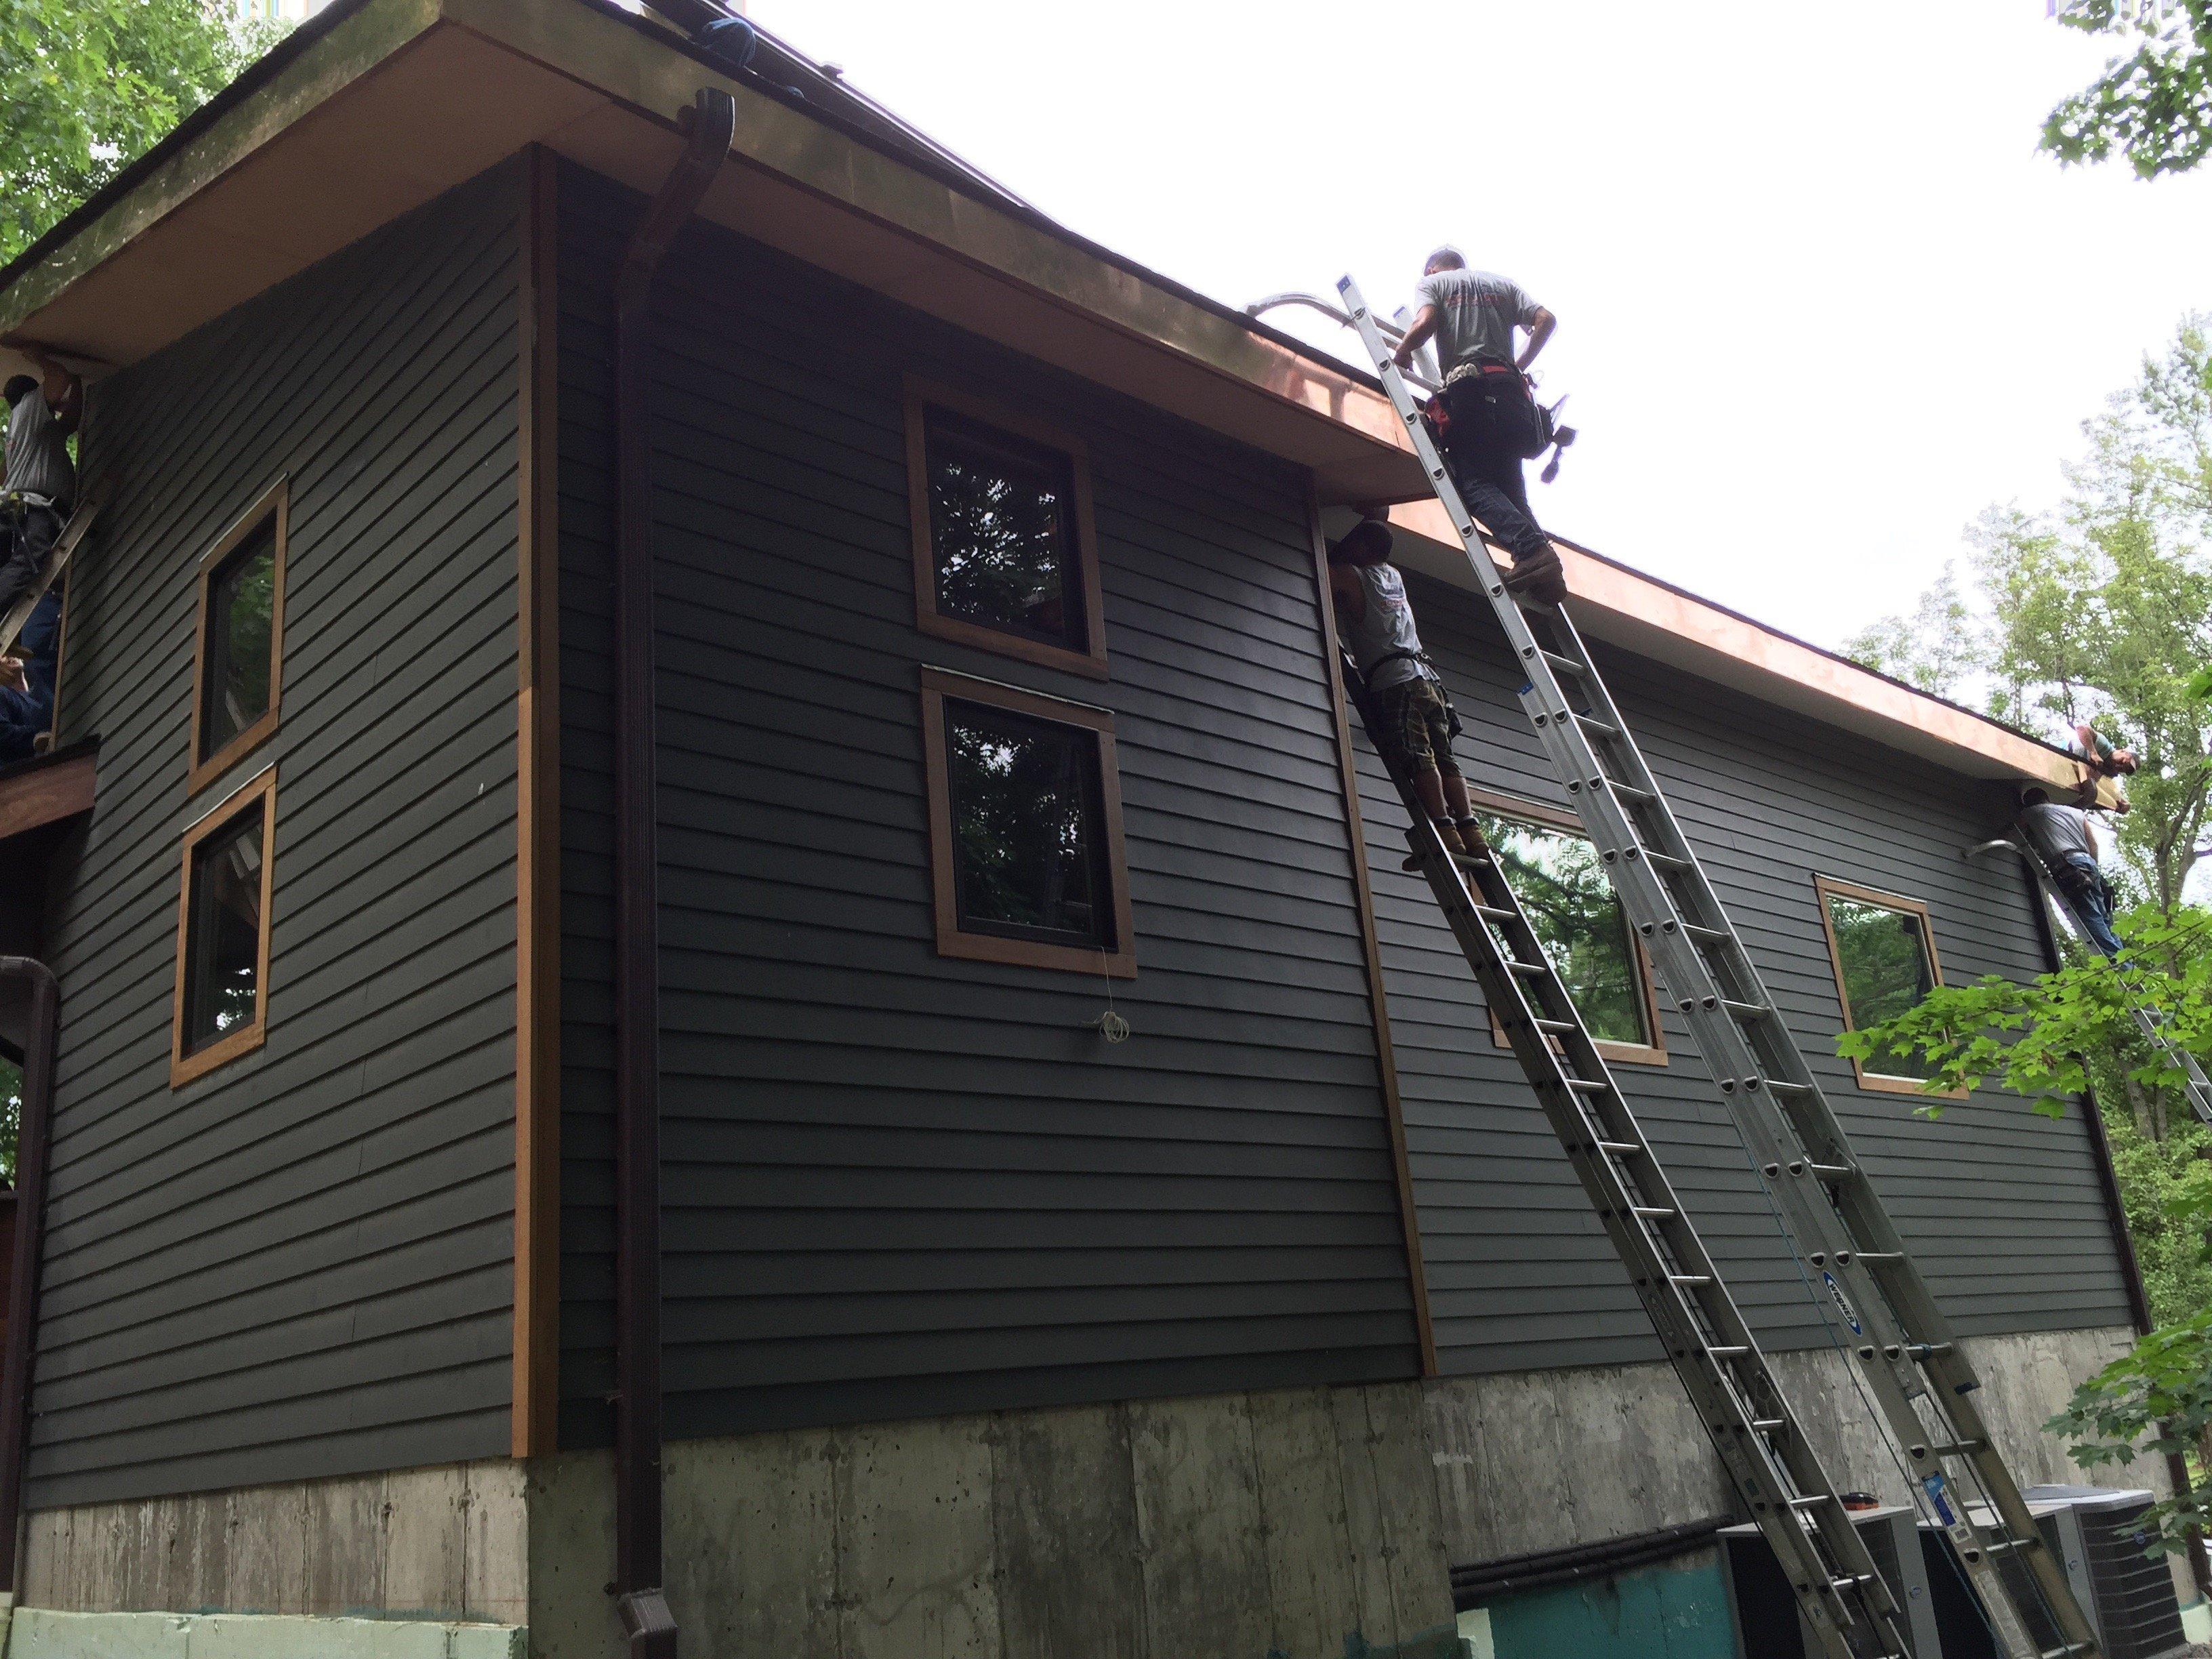 roofing contractors Ridgefield, CT